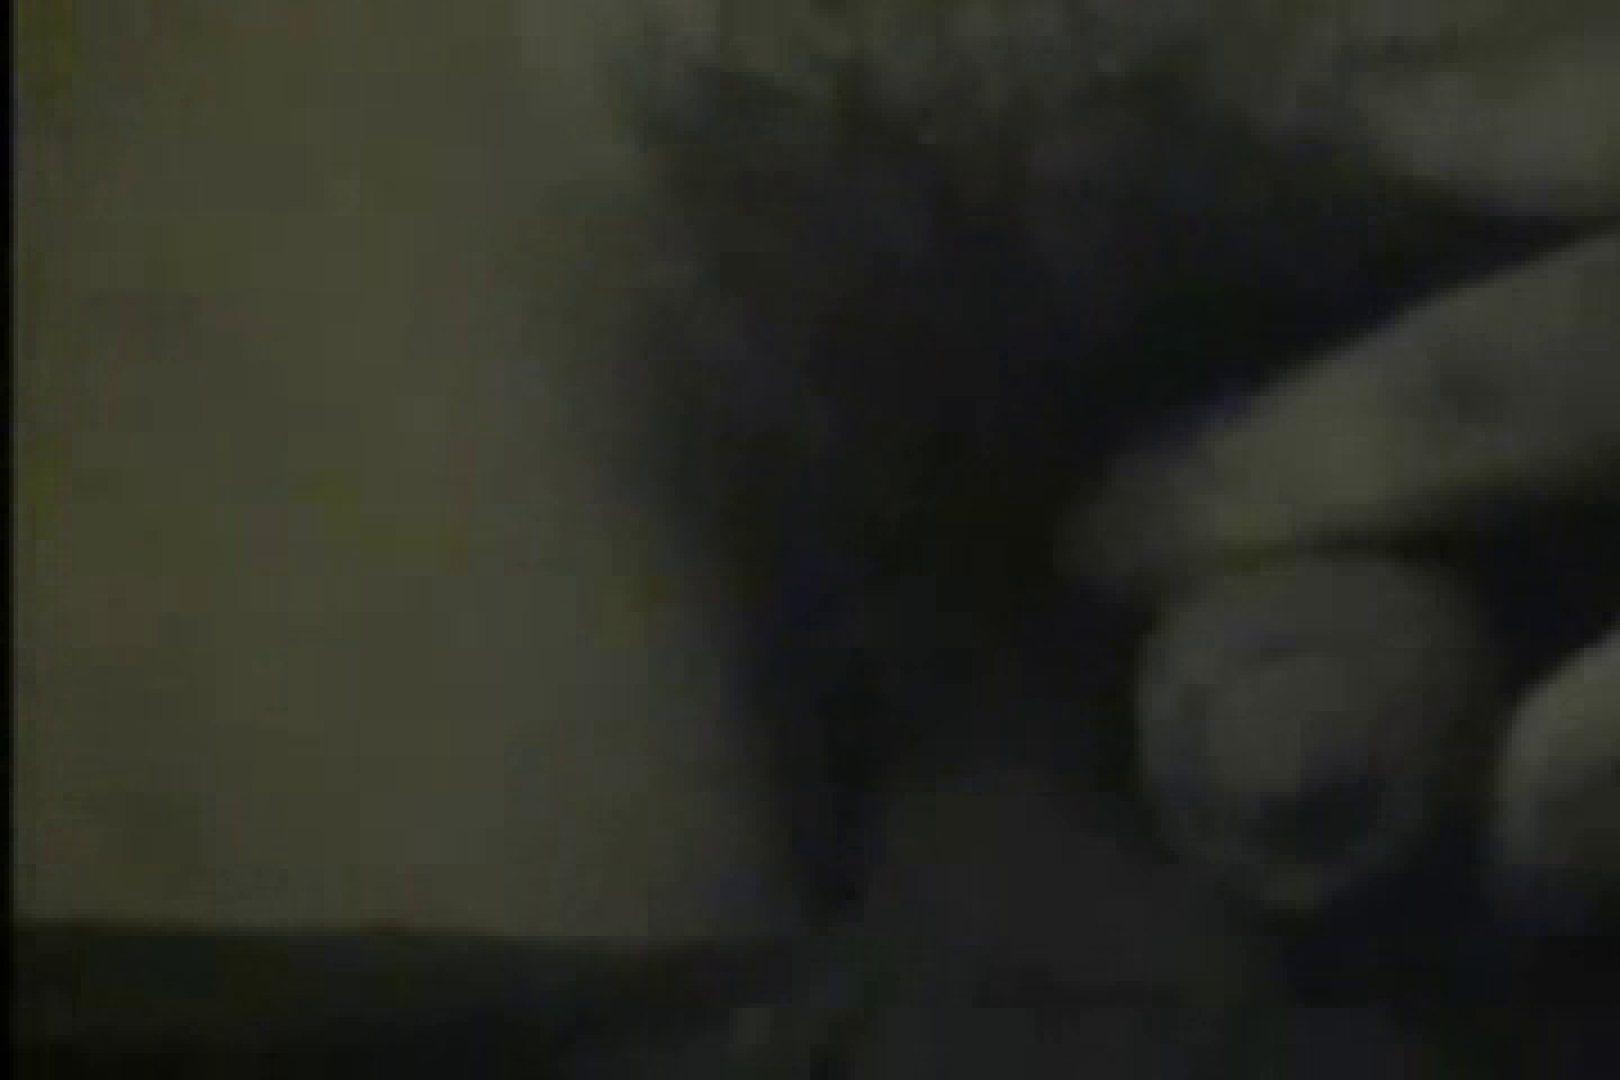 ファイル流出! ! 道頓堀 包茎男のチンコまる魅せダイブ チンコ 射精無修正動画 79枚 66